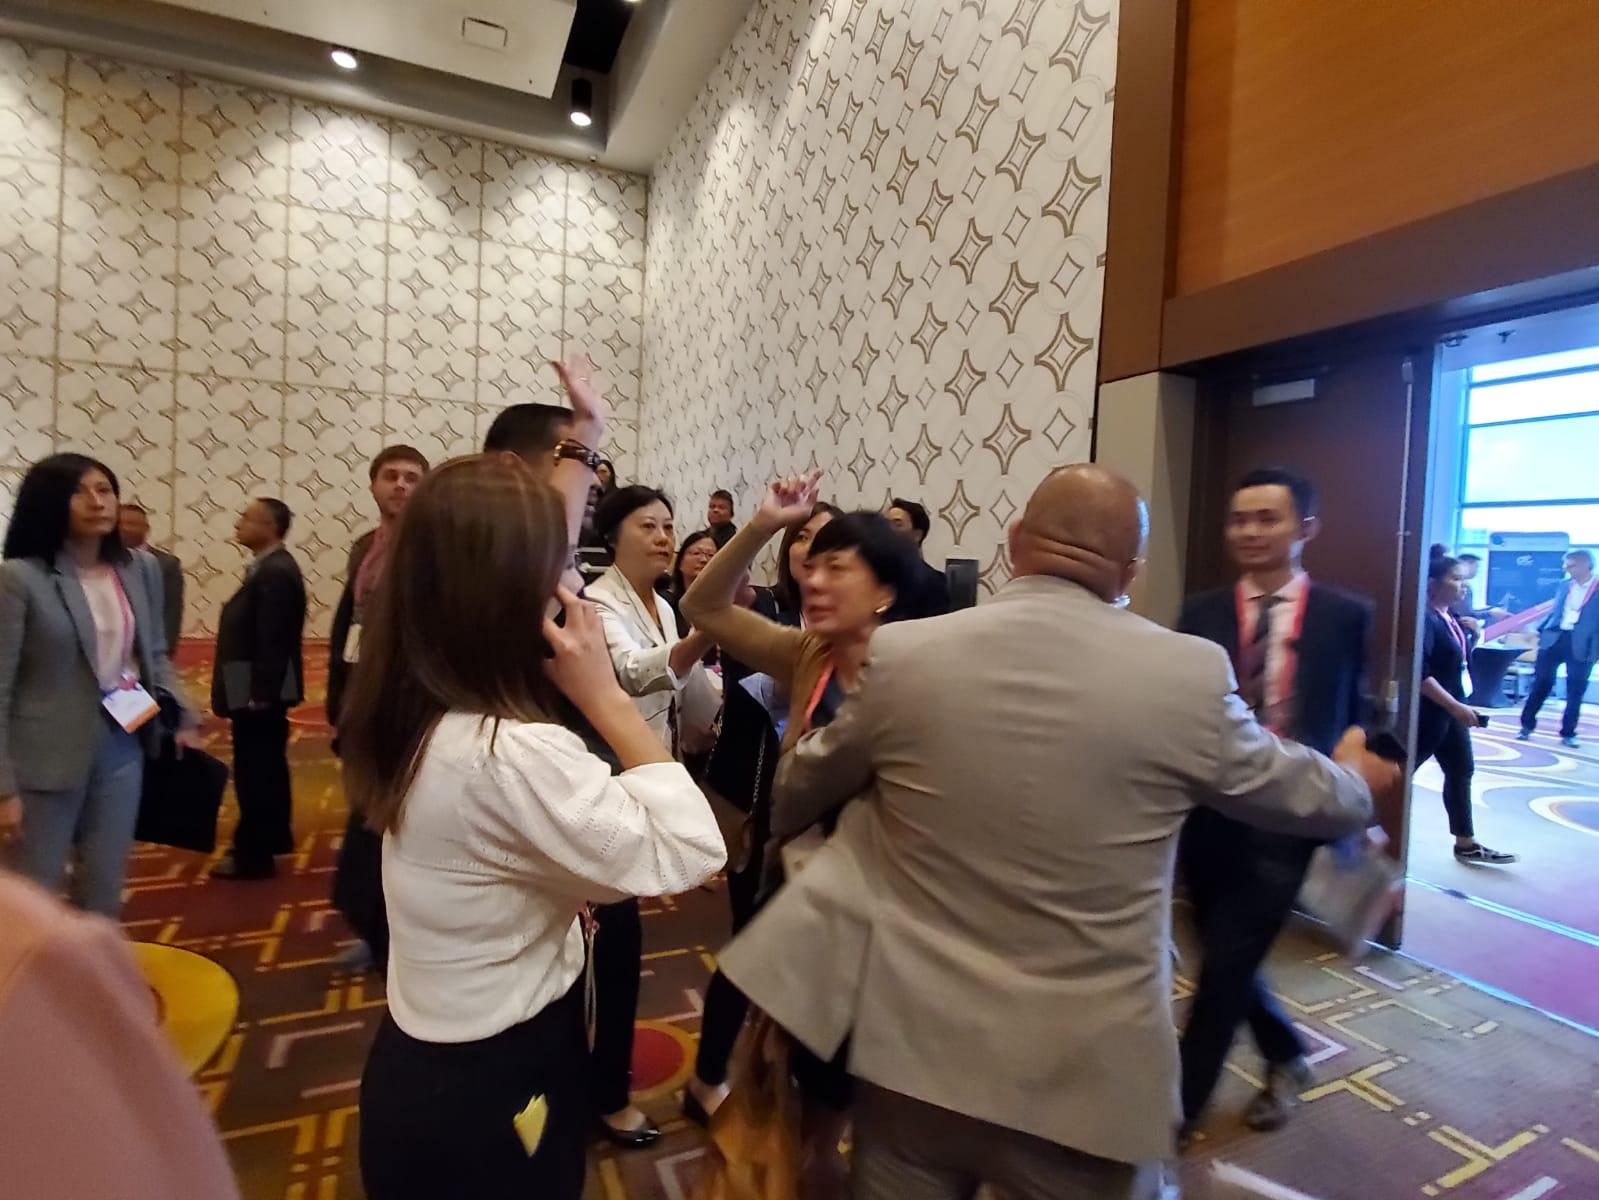 三名与会华人,在场内高叫「光复香港,时代革命」、「Democracy Now」被保安拉离场。